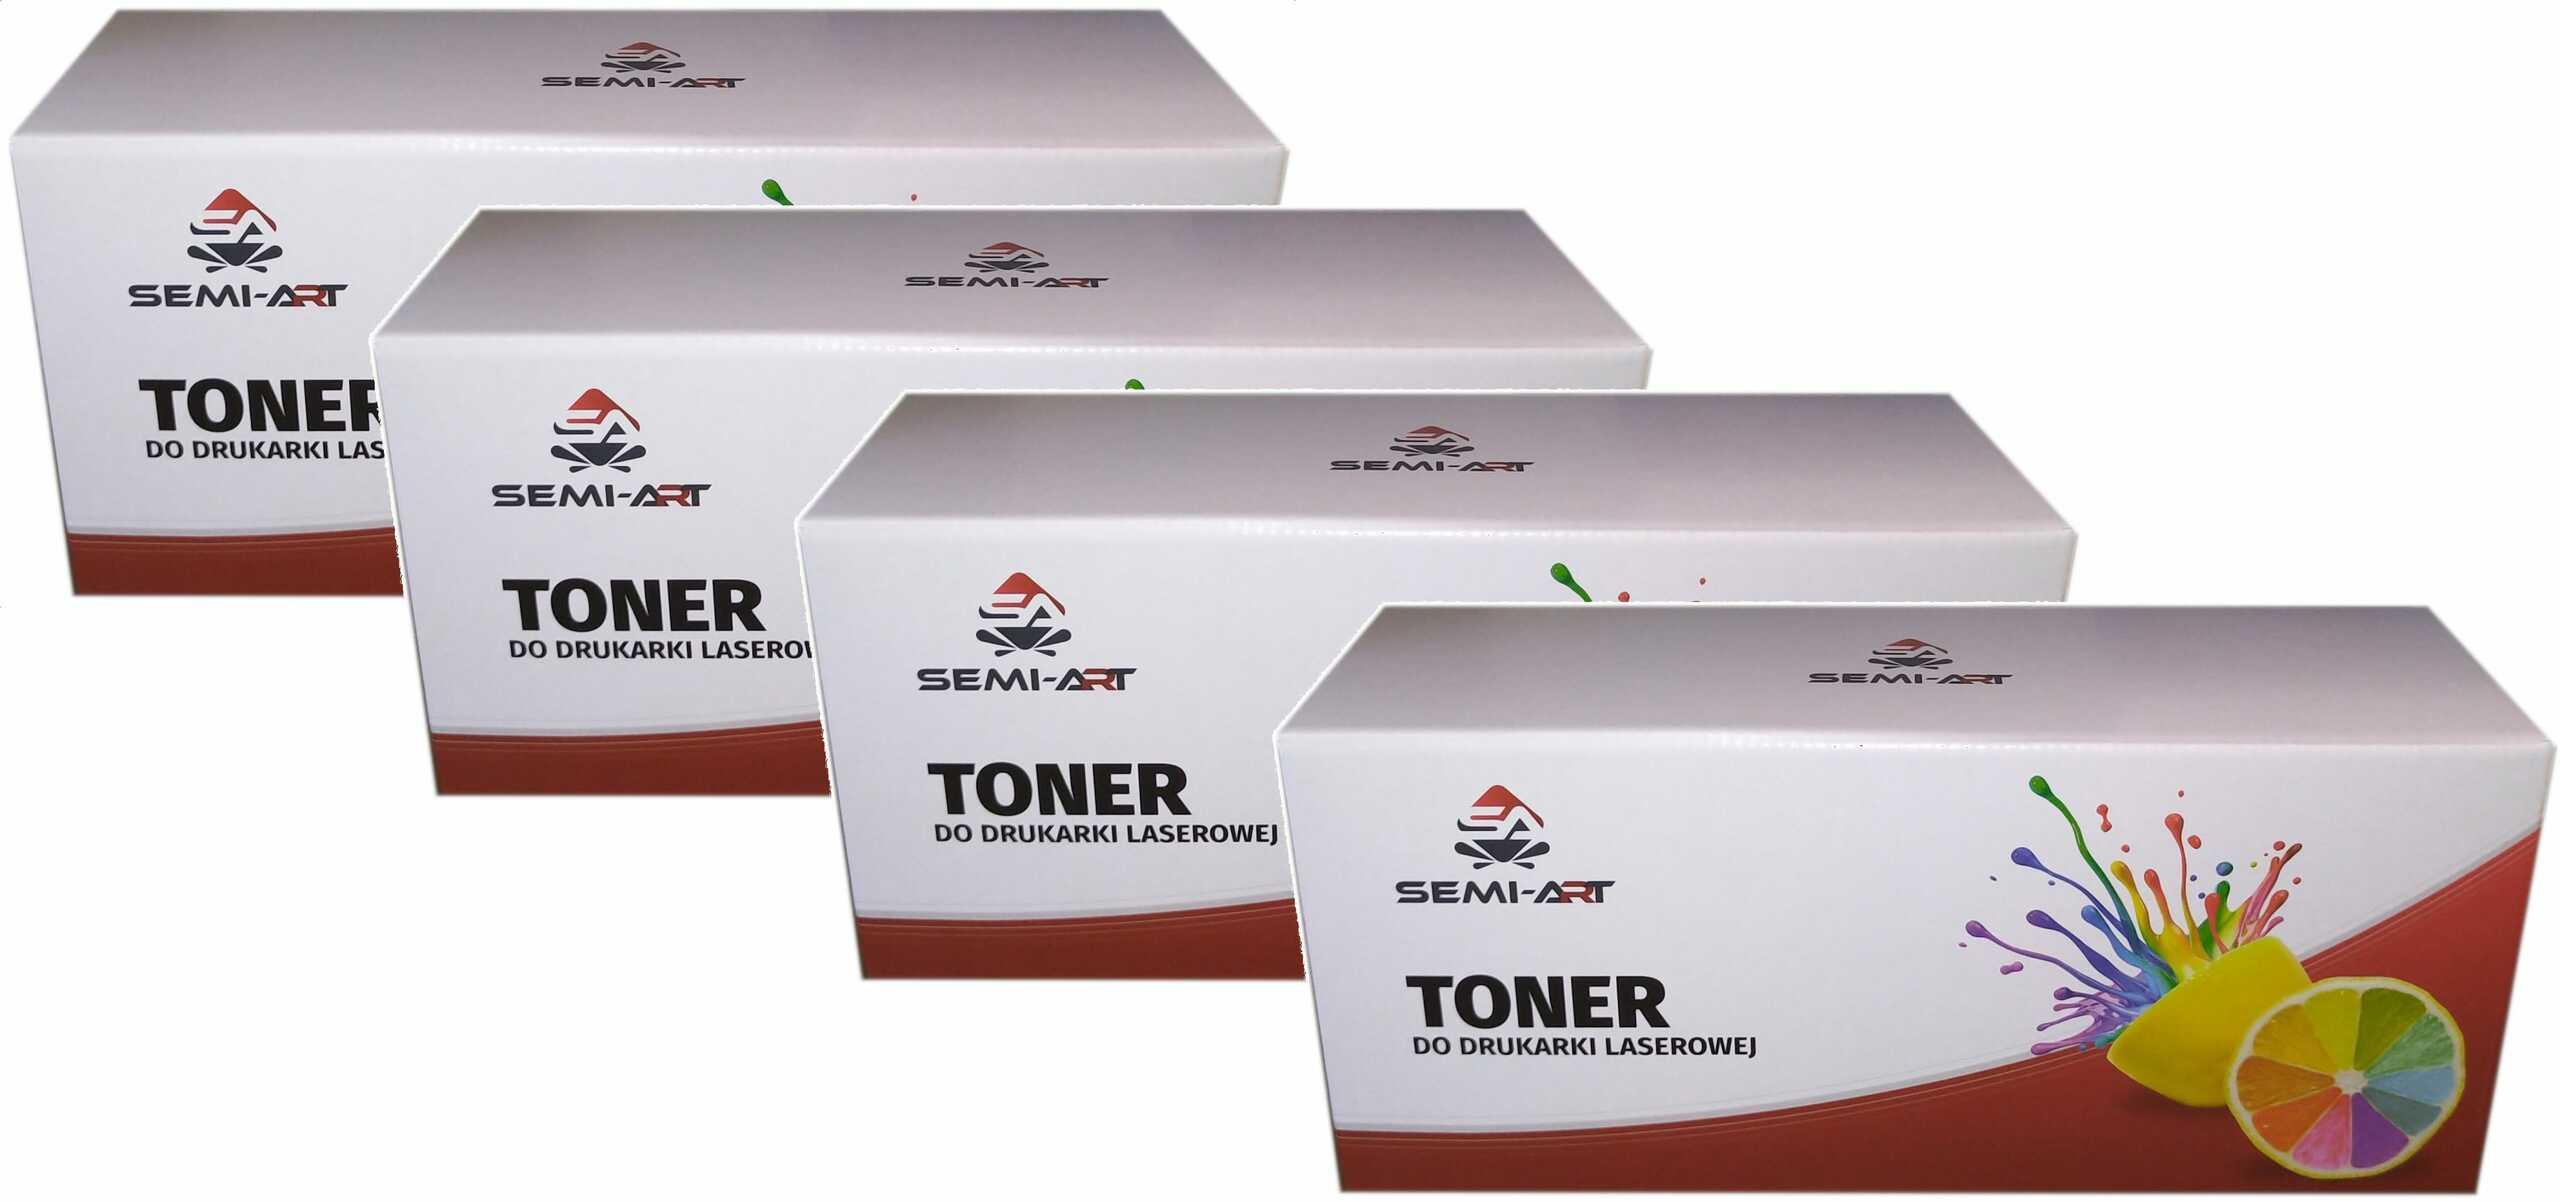 Zgodny komplet tonerów do Brother TN-247 TN247 (L3210, L3210CW, L3230, L3230CDW, L3270, L3270CDW, L3280CDW, L3510)